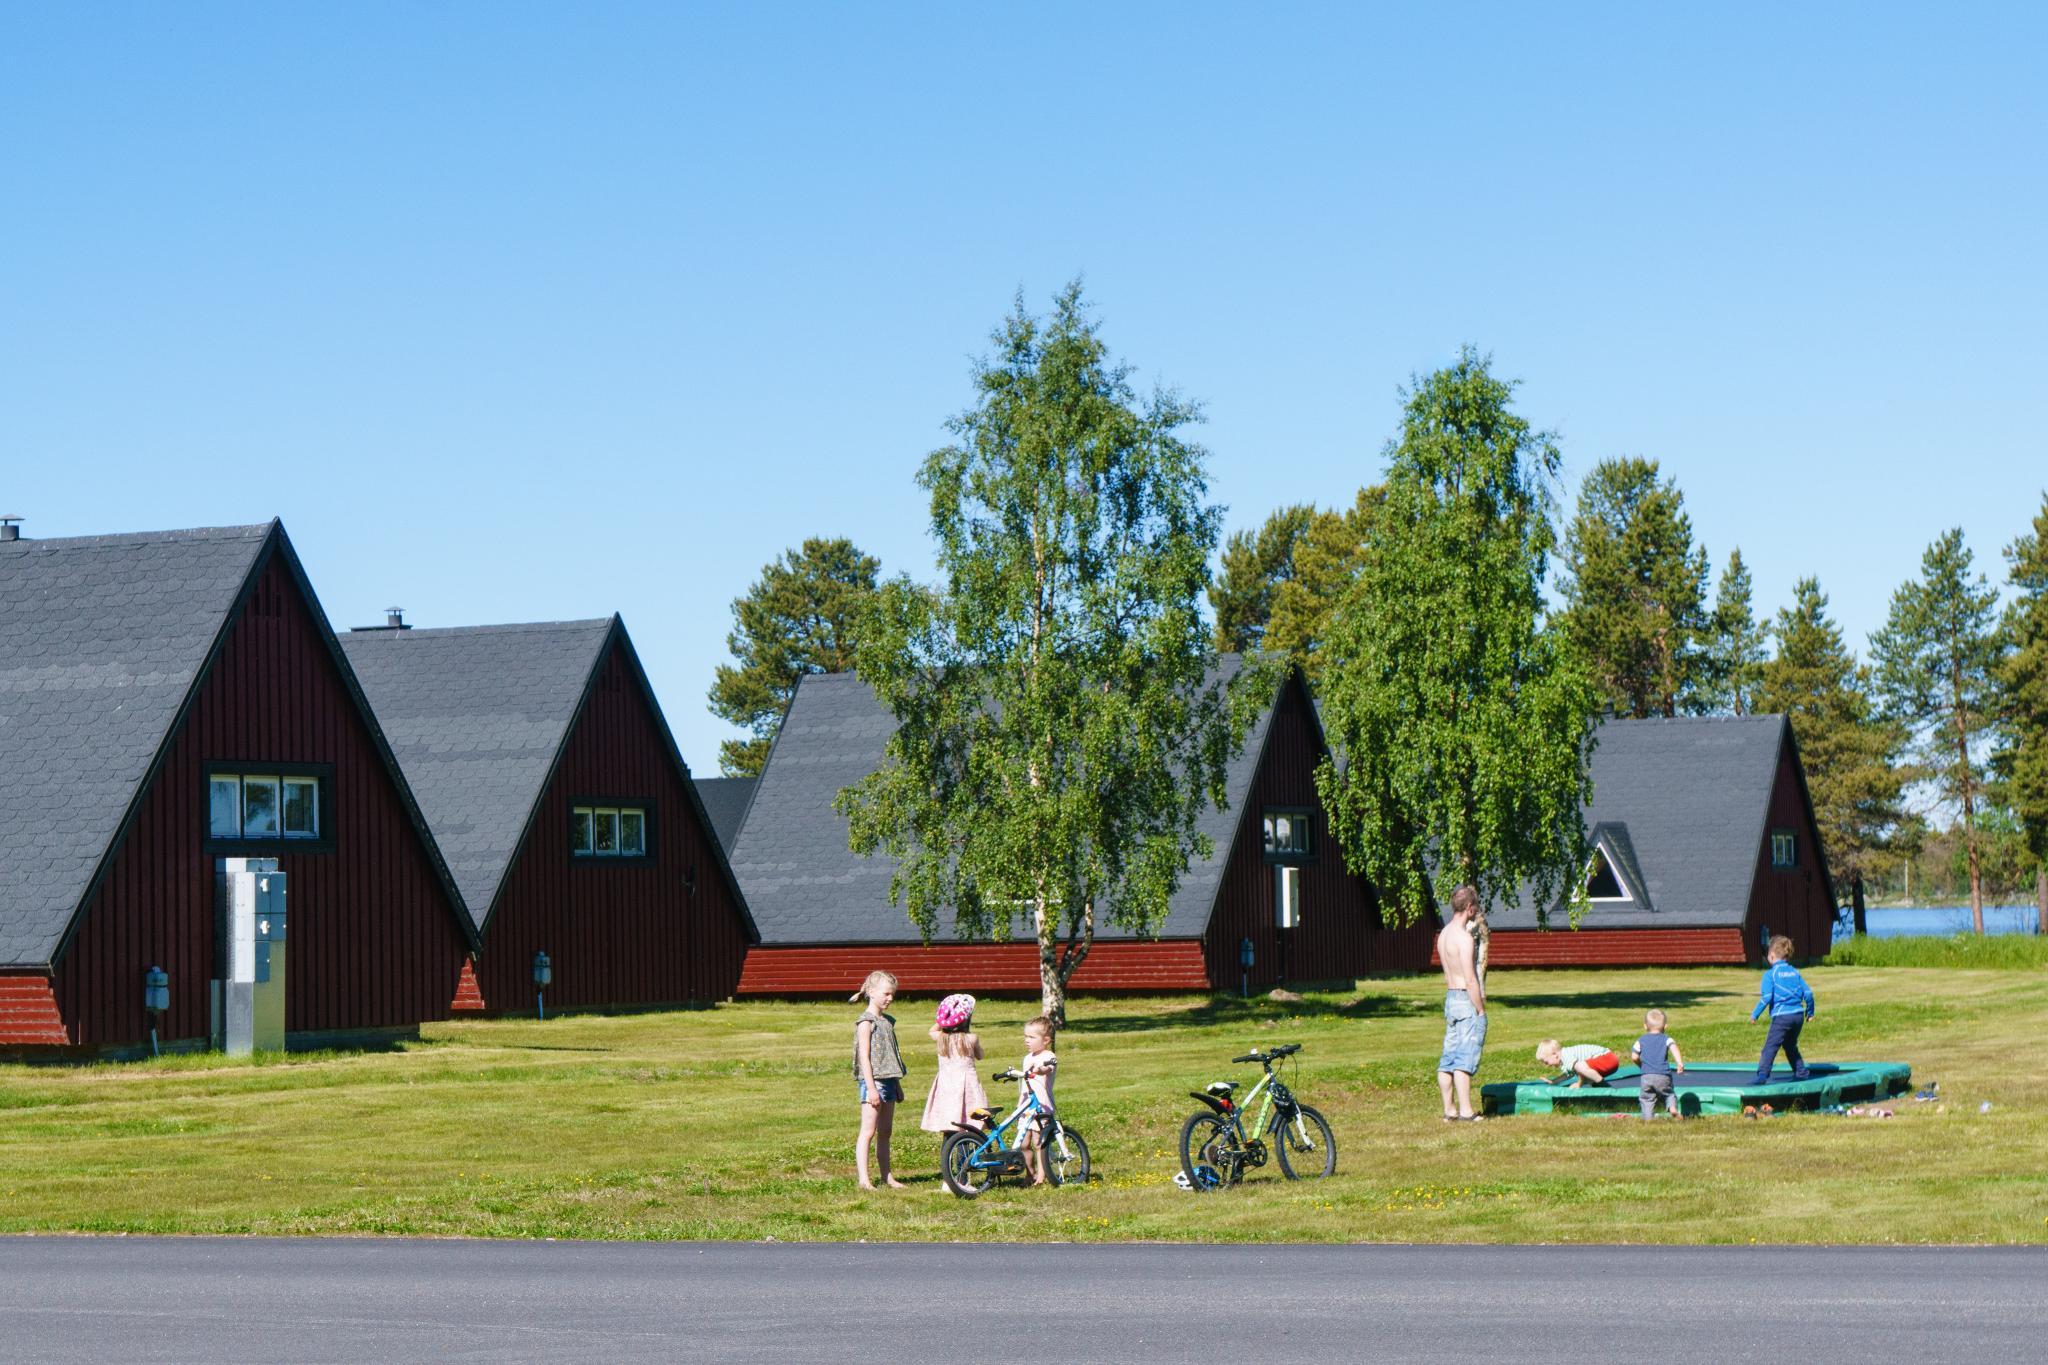 【北歐露營】北極荒野的推薦度假村 — 瑞典阿爾耶普魯格 Kraja 酒店 49